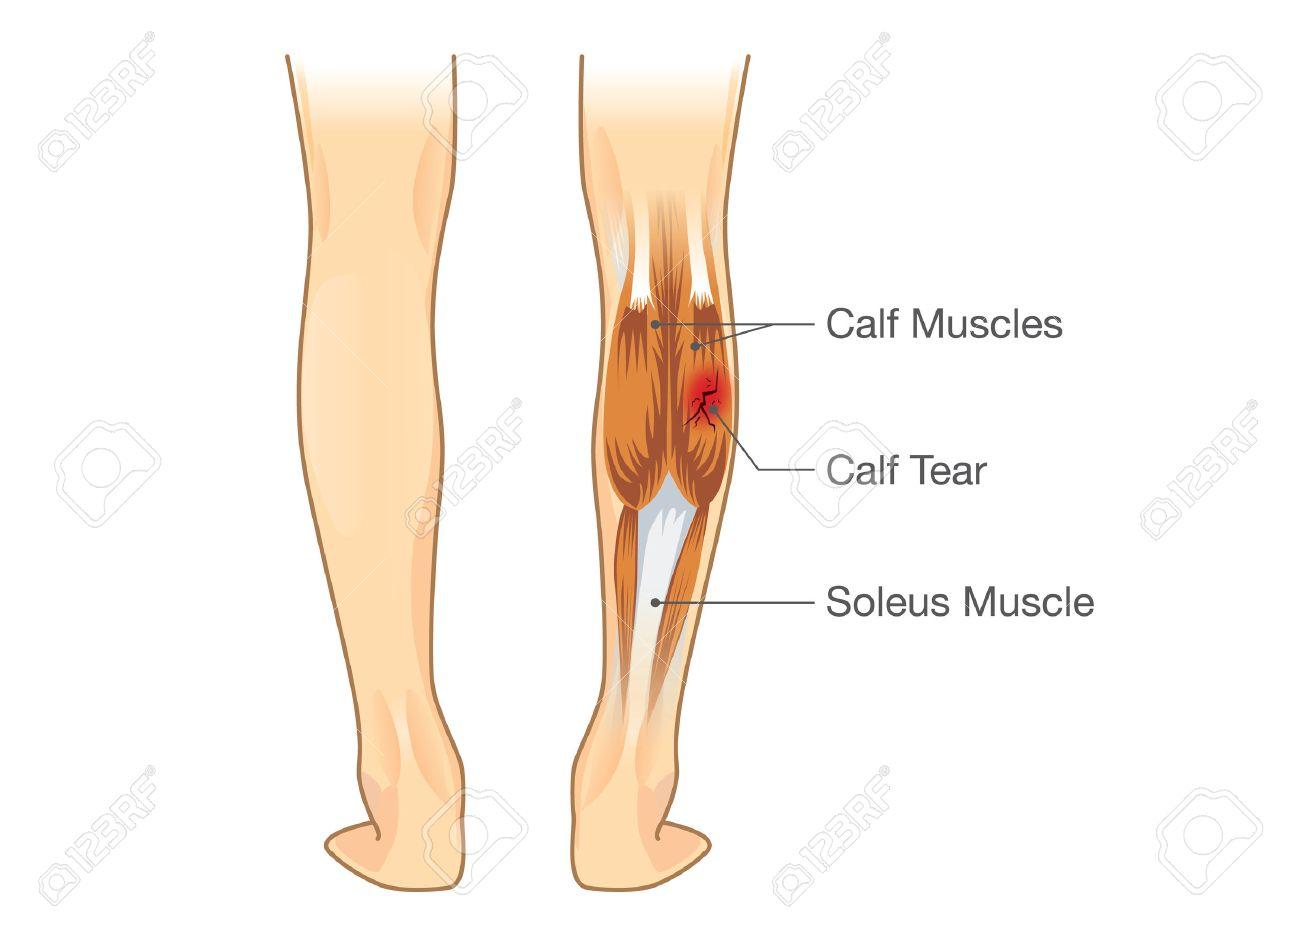 Desgarro Muscular De La Pantorrilla. Ilustración Sobre La Lesión En ...